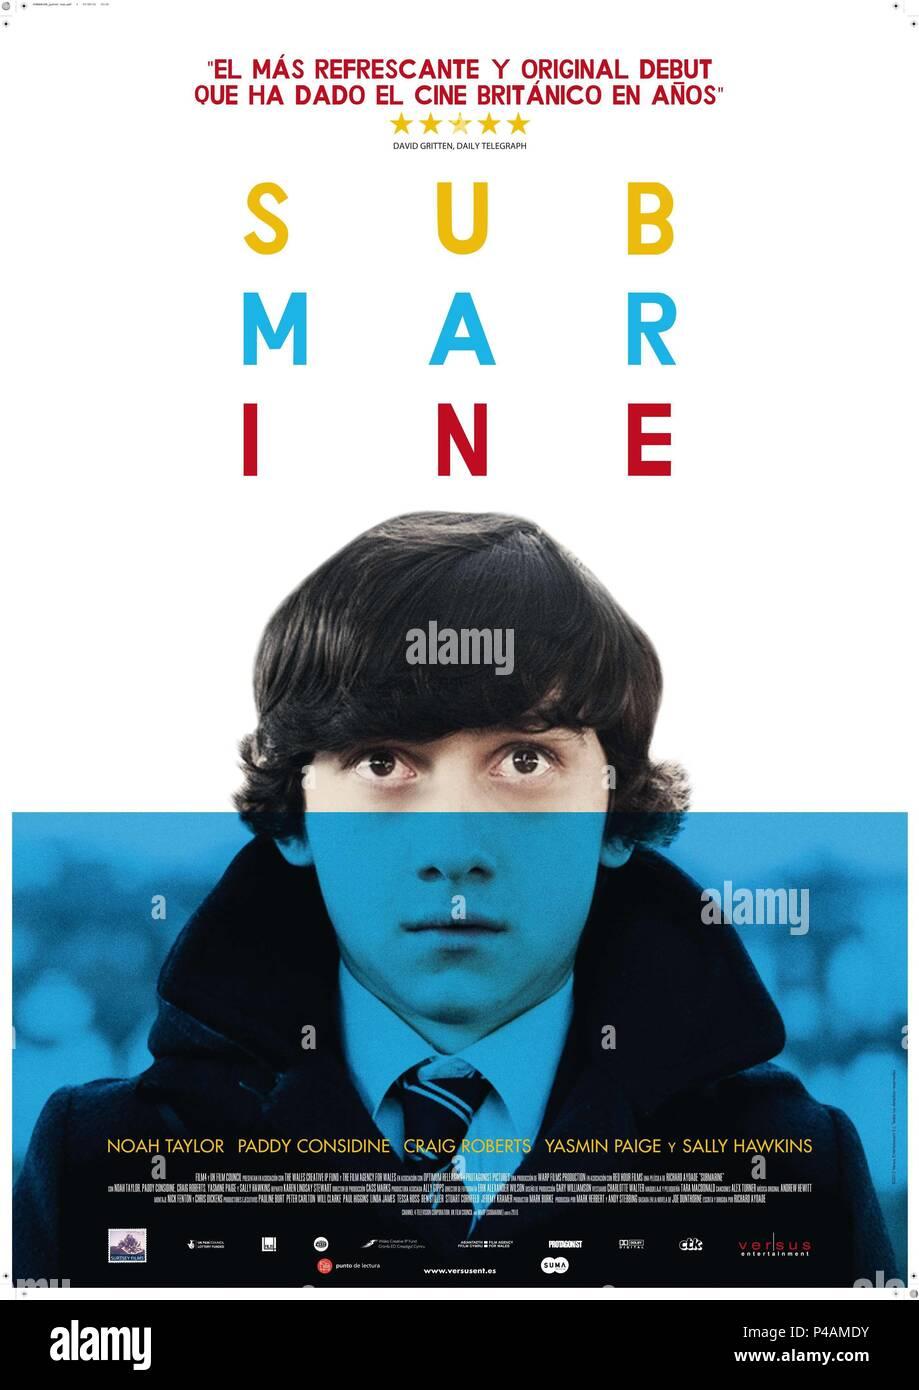 El título original de la película: el submarino. Título en inglés: Submarino. El director de cine: Richard Ayoade. Año: 2010. Crédito: FILM 4 / Álbum Imagen De Stock